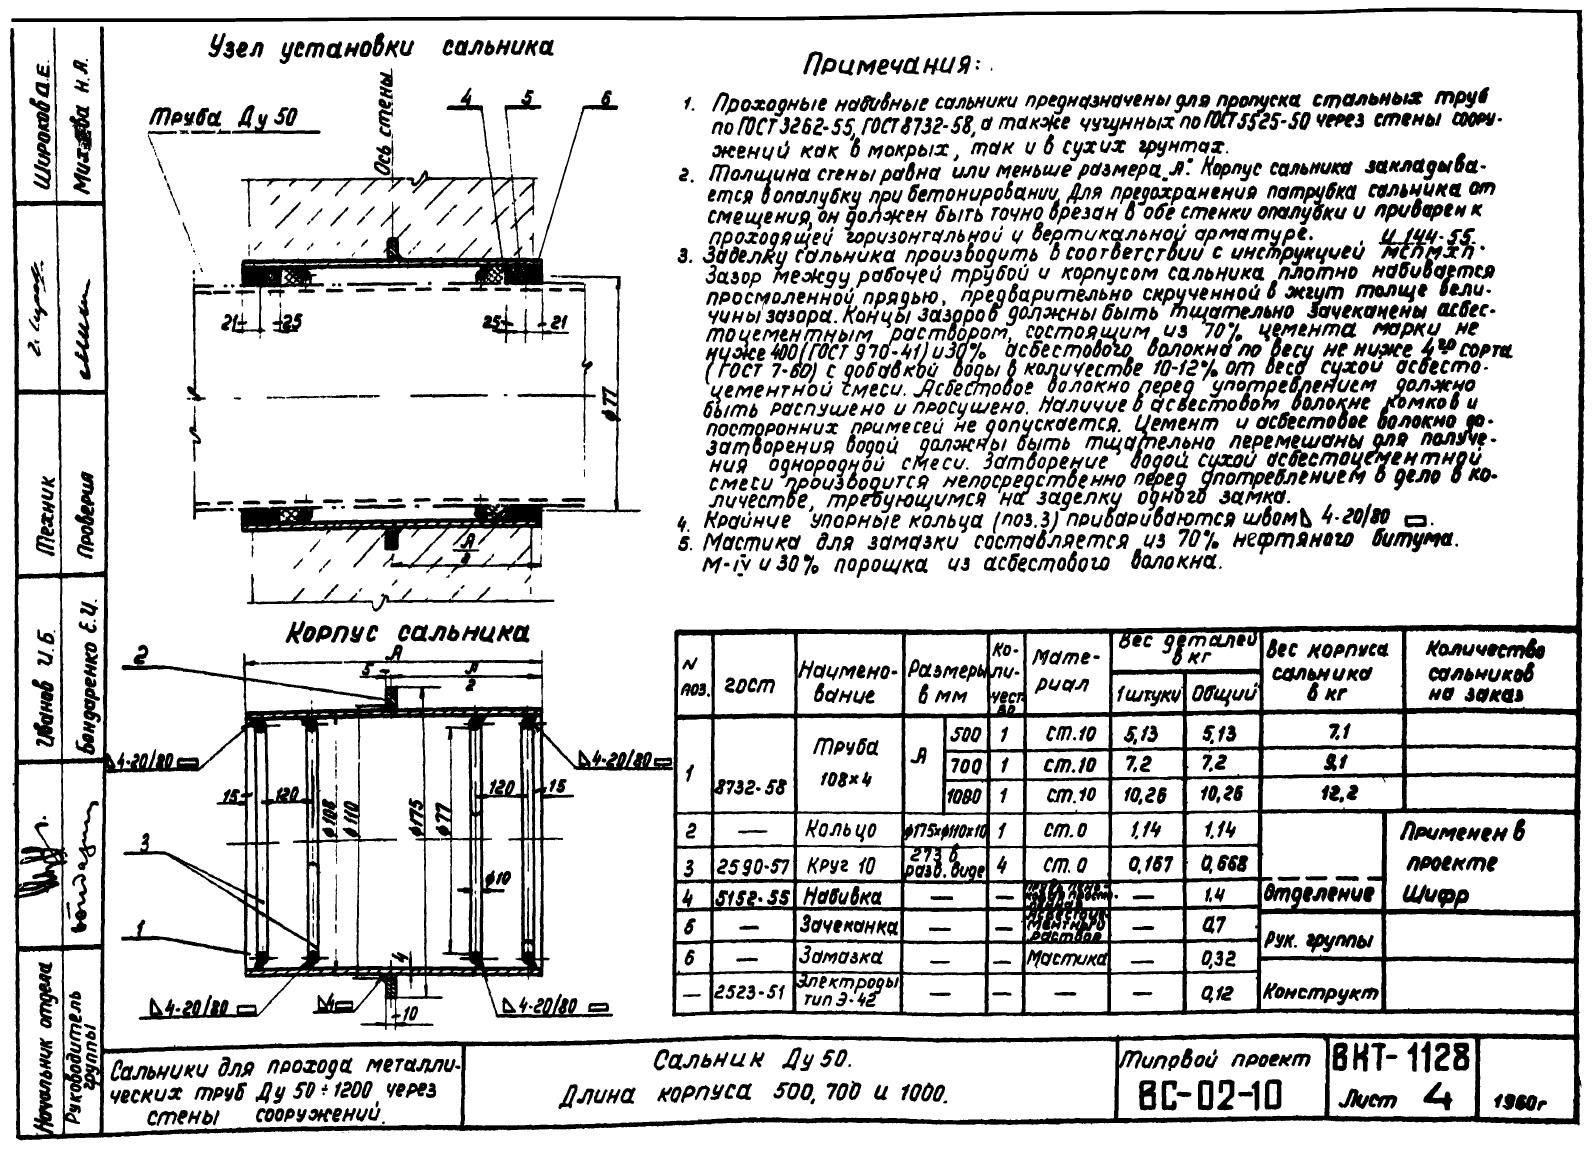 Сальники набивные L = 700 мм типовой проект ВС-02-10 стр.1